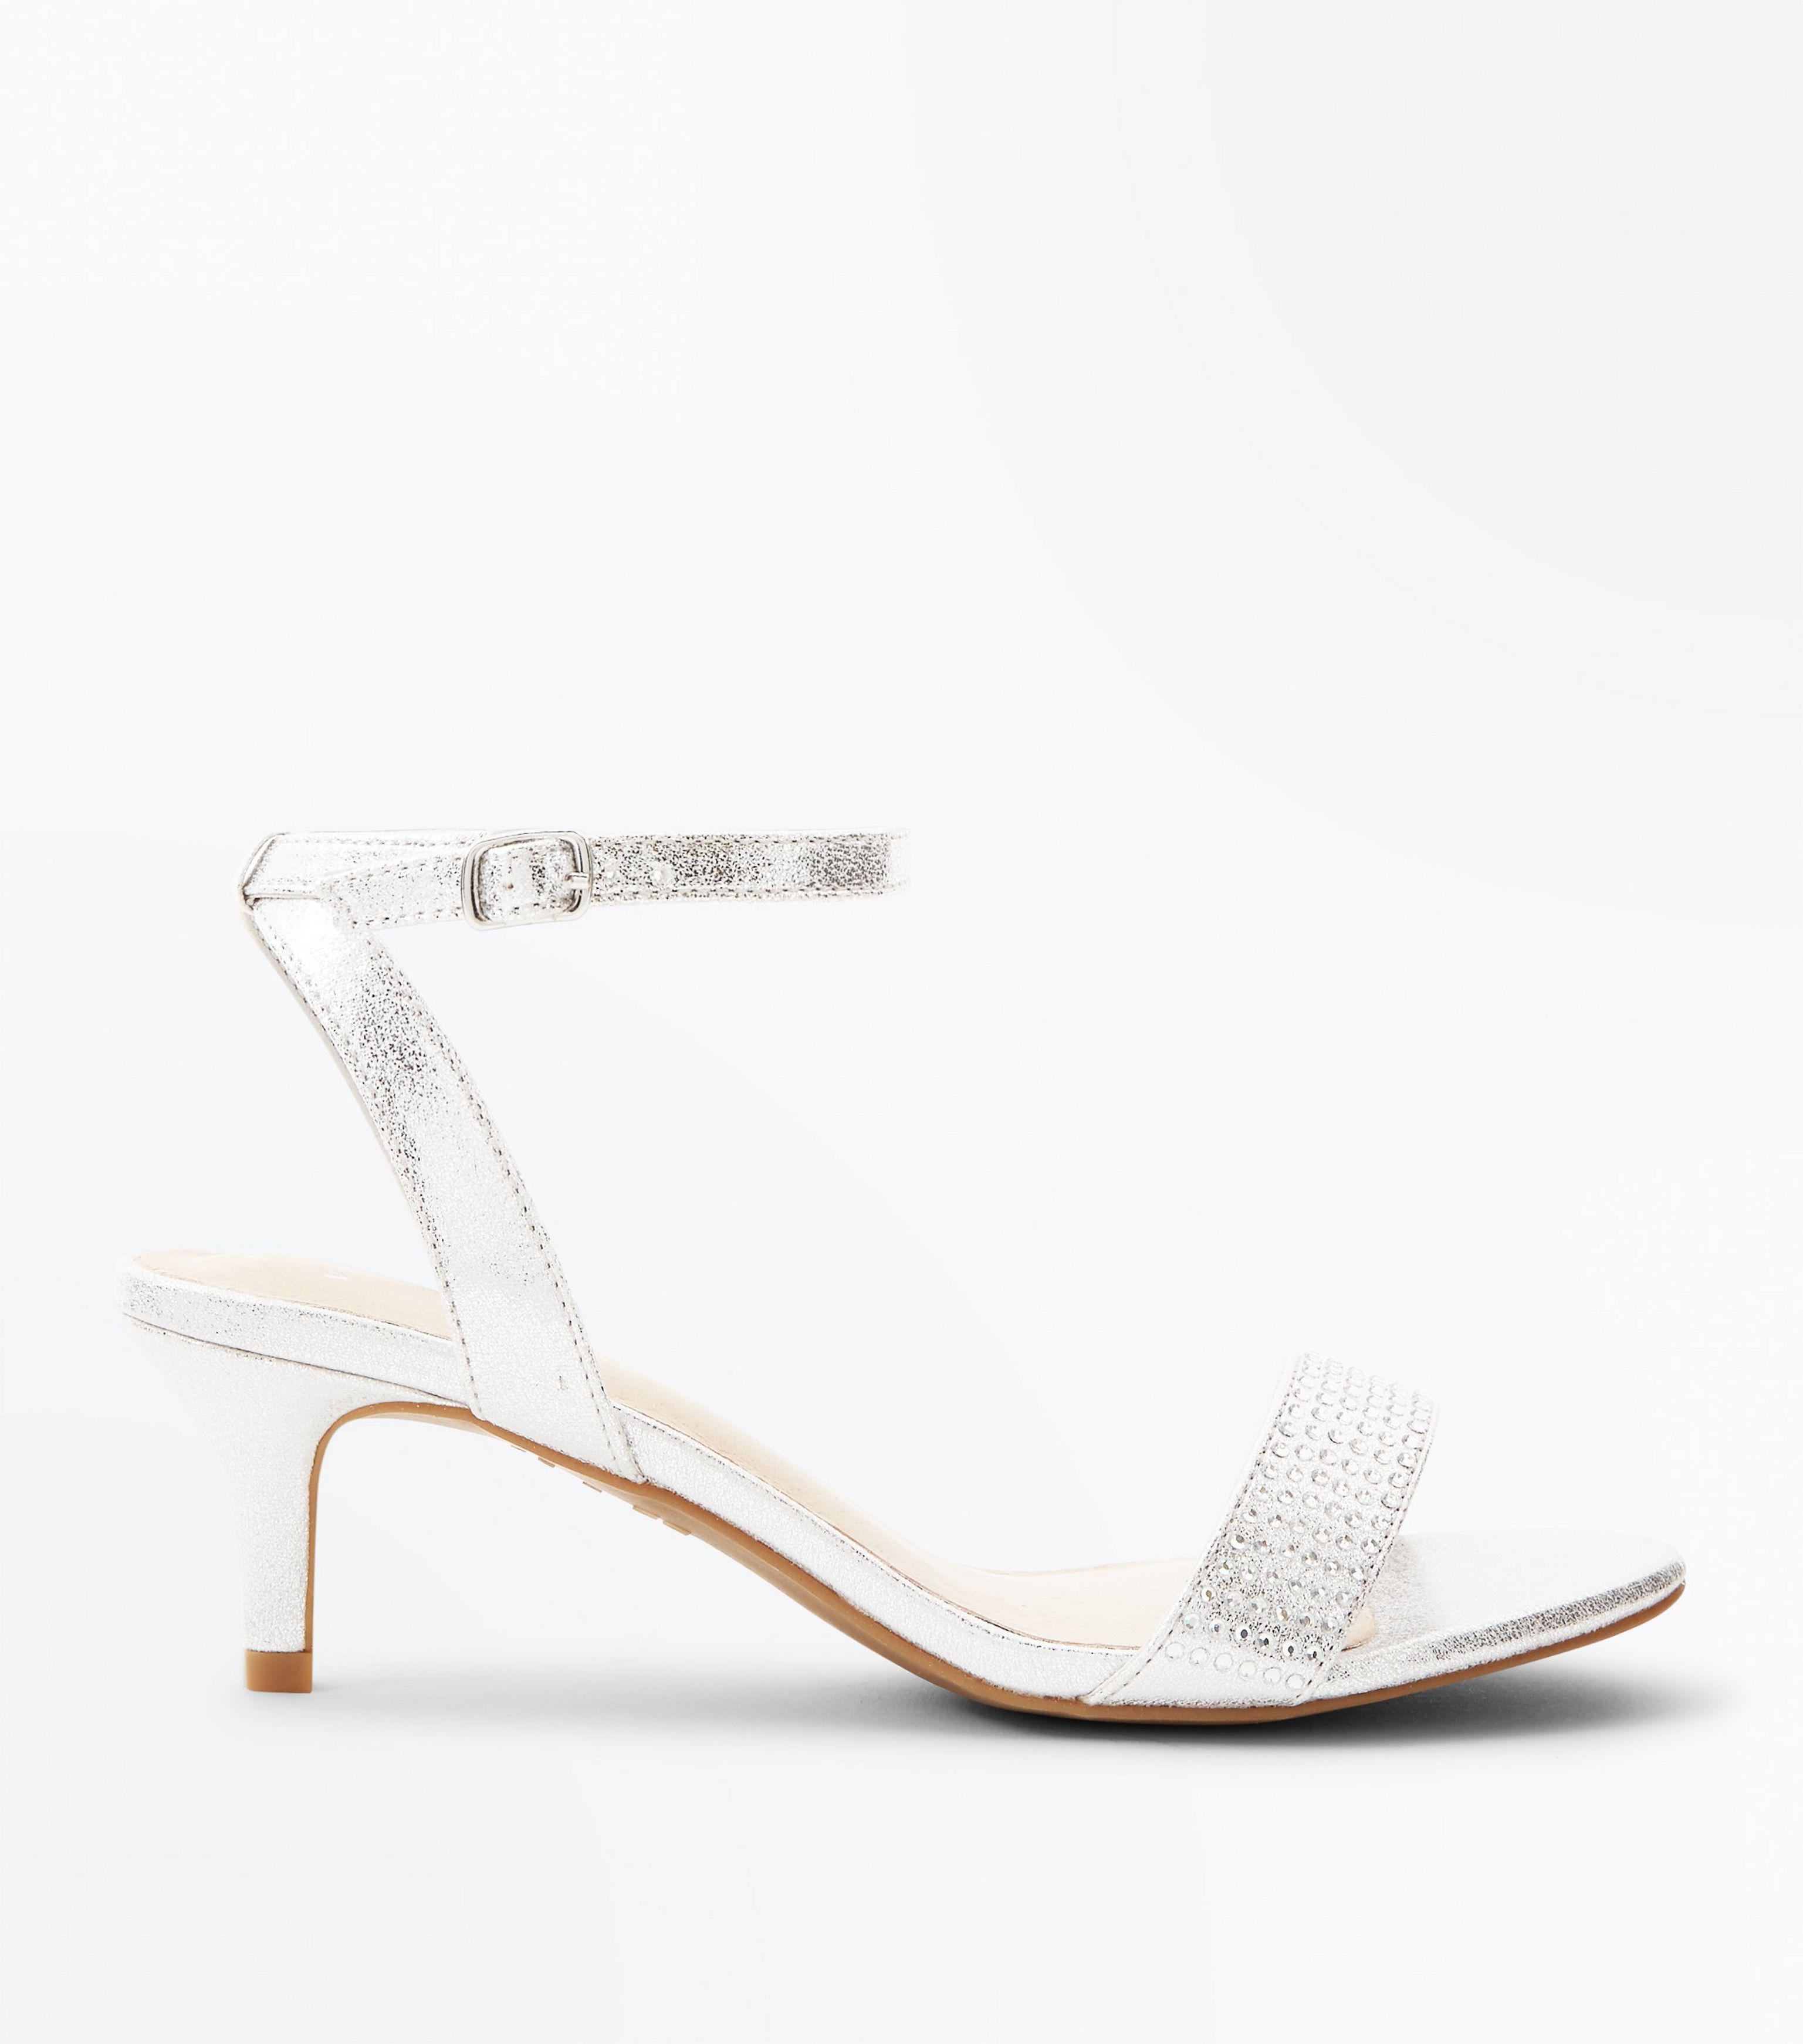 c4a95131a36 New Look Wide Fit Silver Comfort Flex Diamanté Strap Kitten Heels in ...